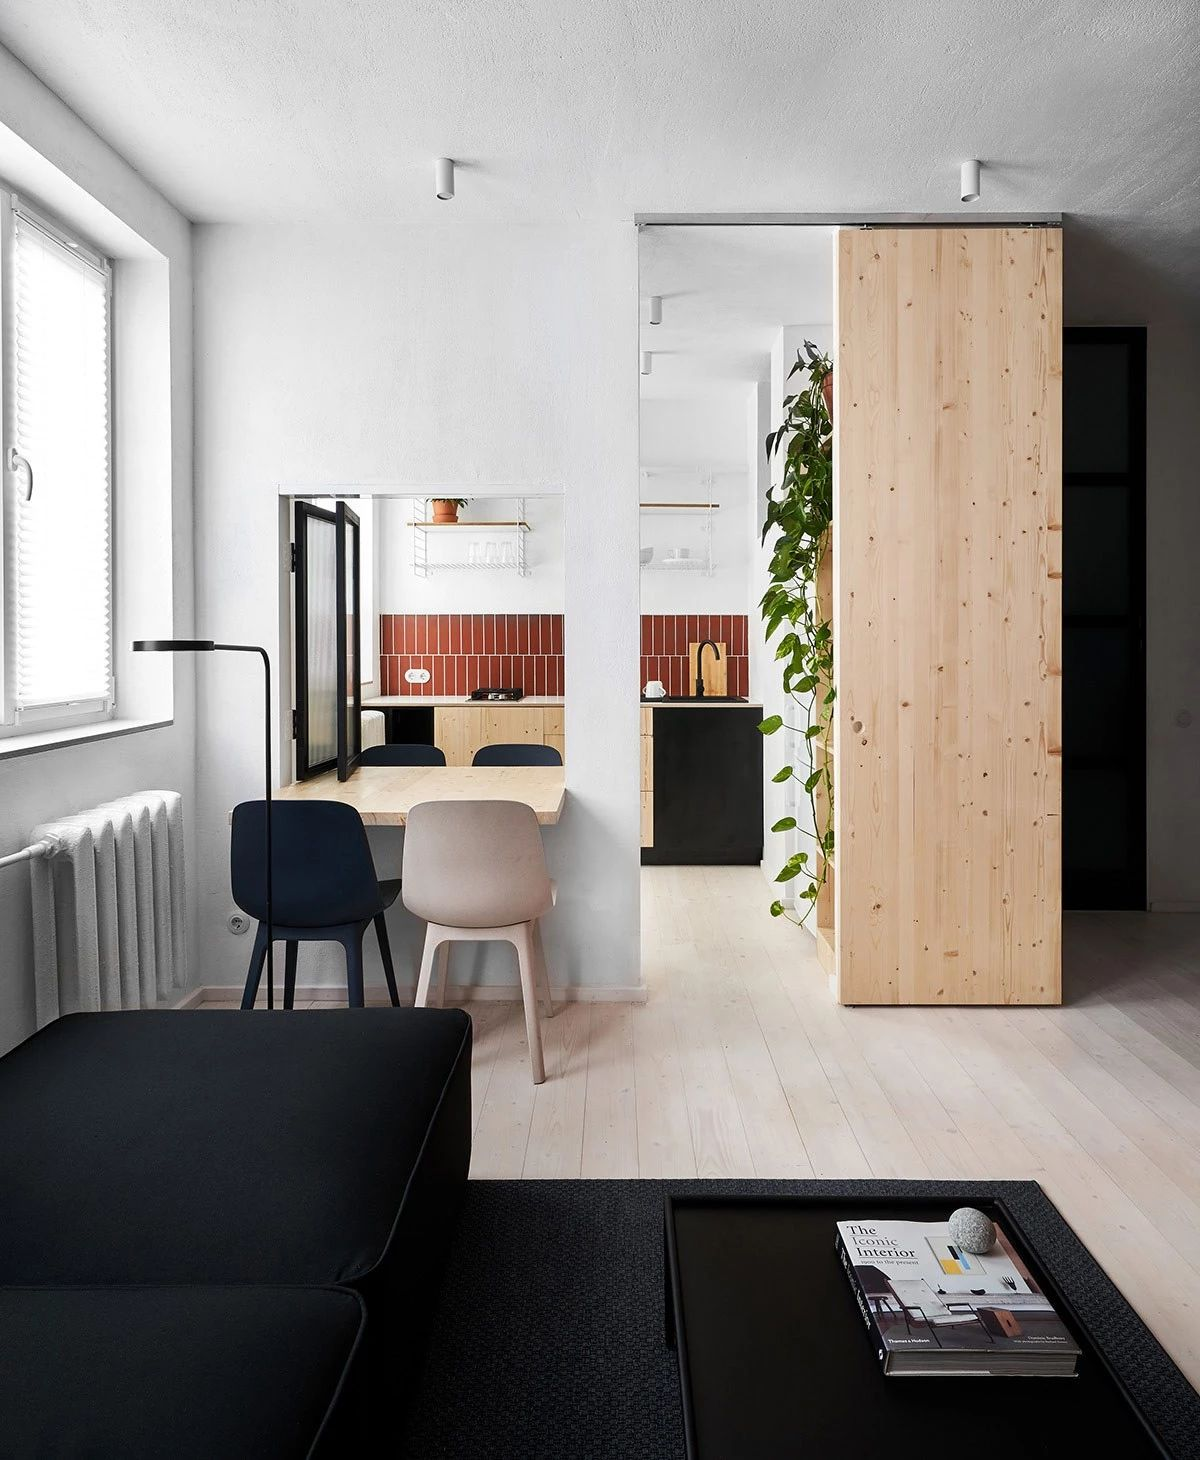 2间35平方米北欧风单身小公寓设计